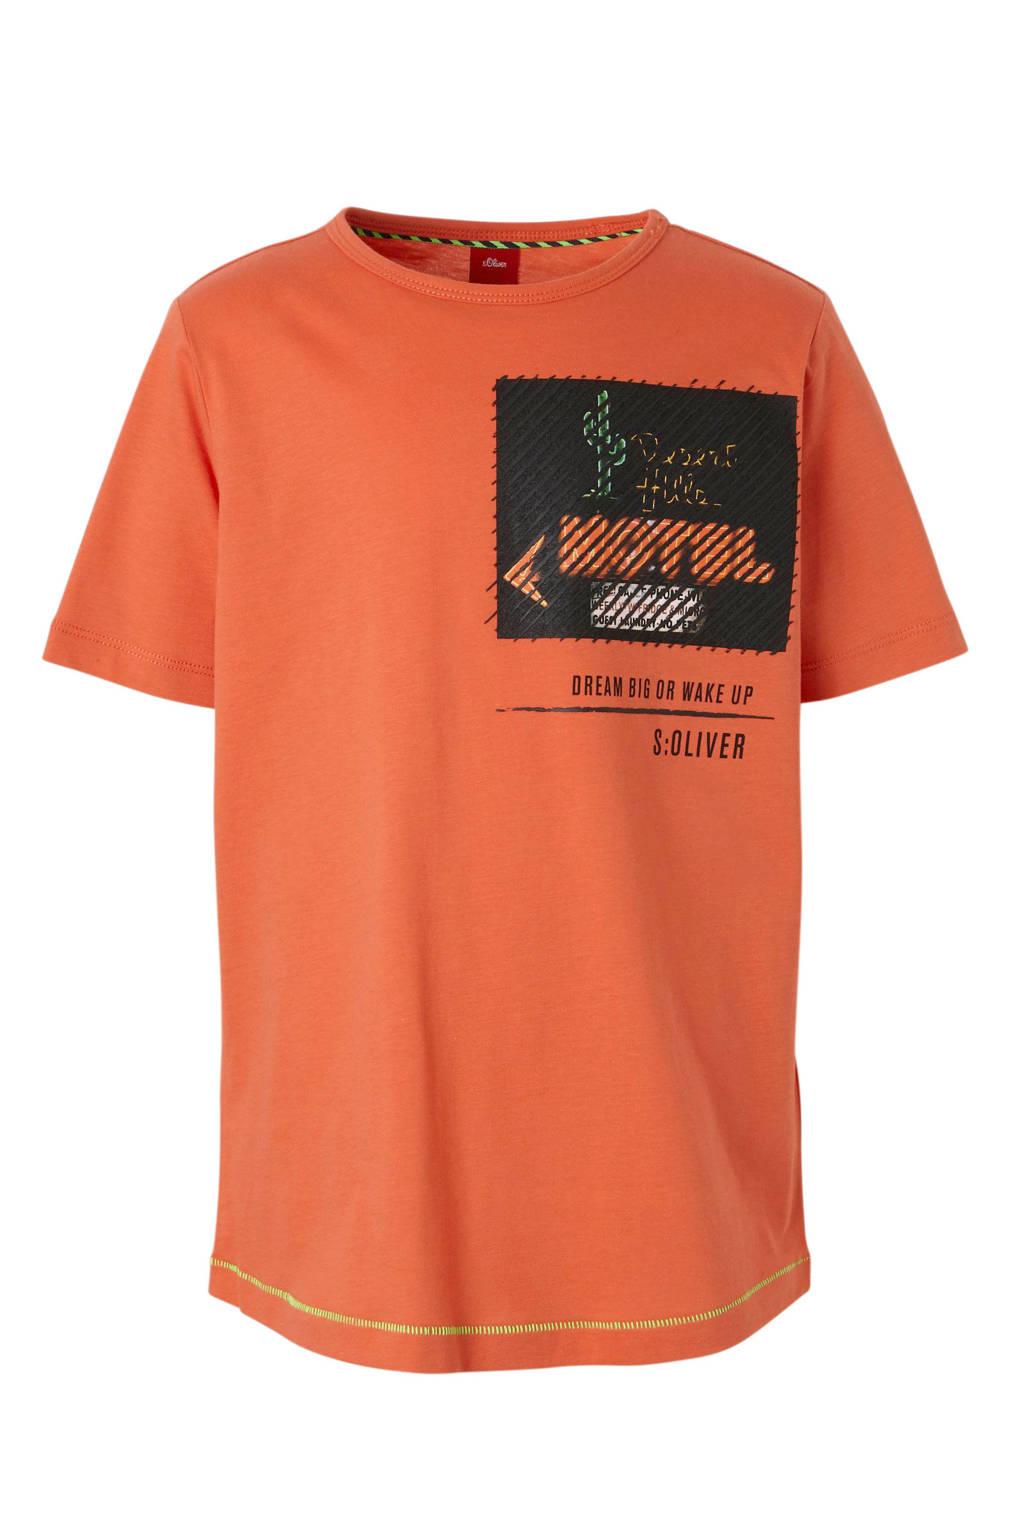 s.Oliver T-shirt met printopdruk rood, Rood